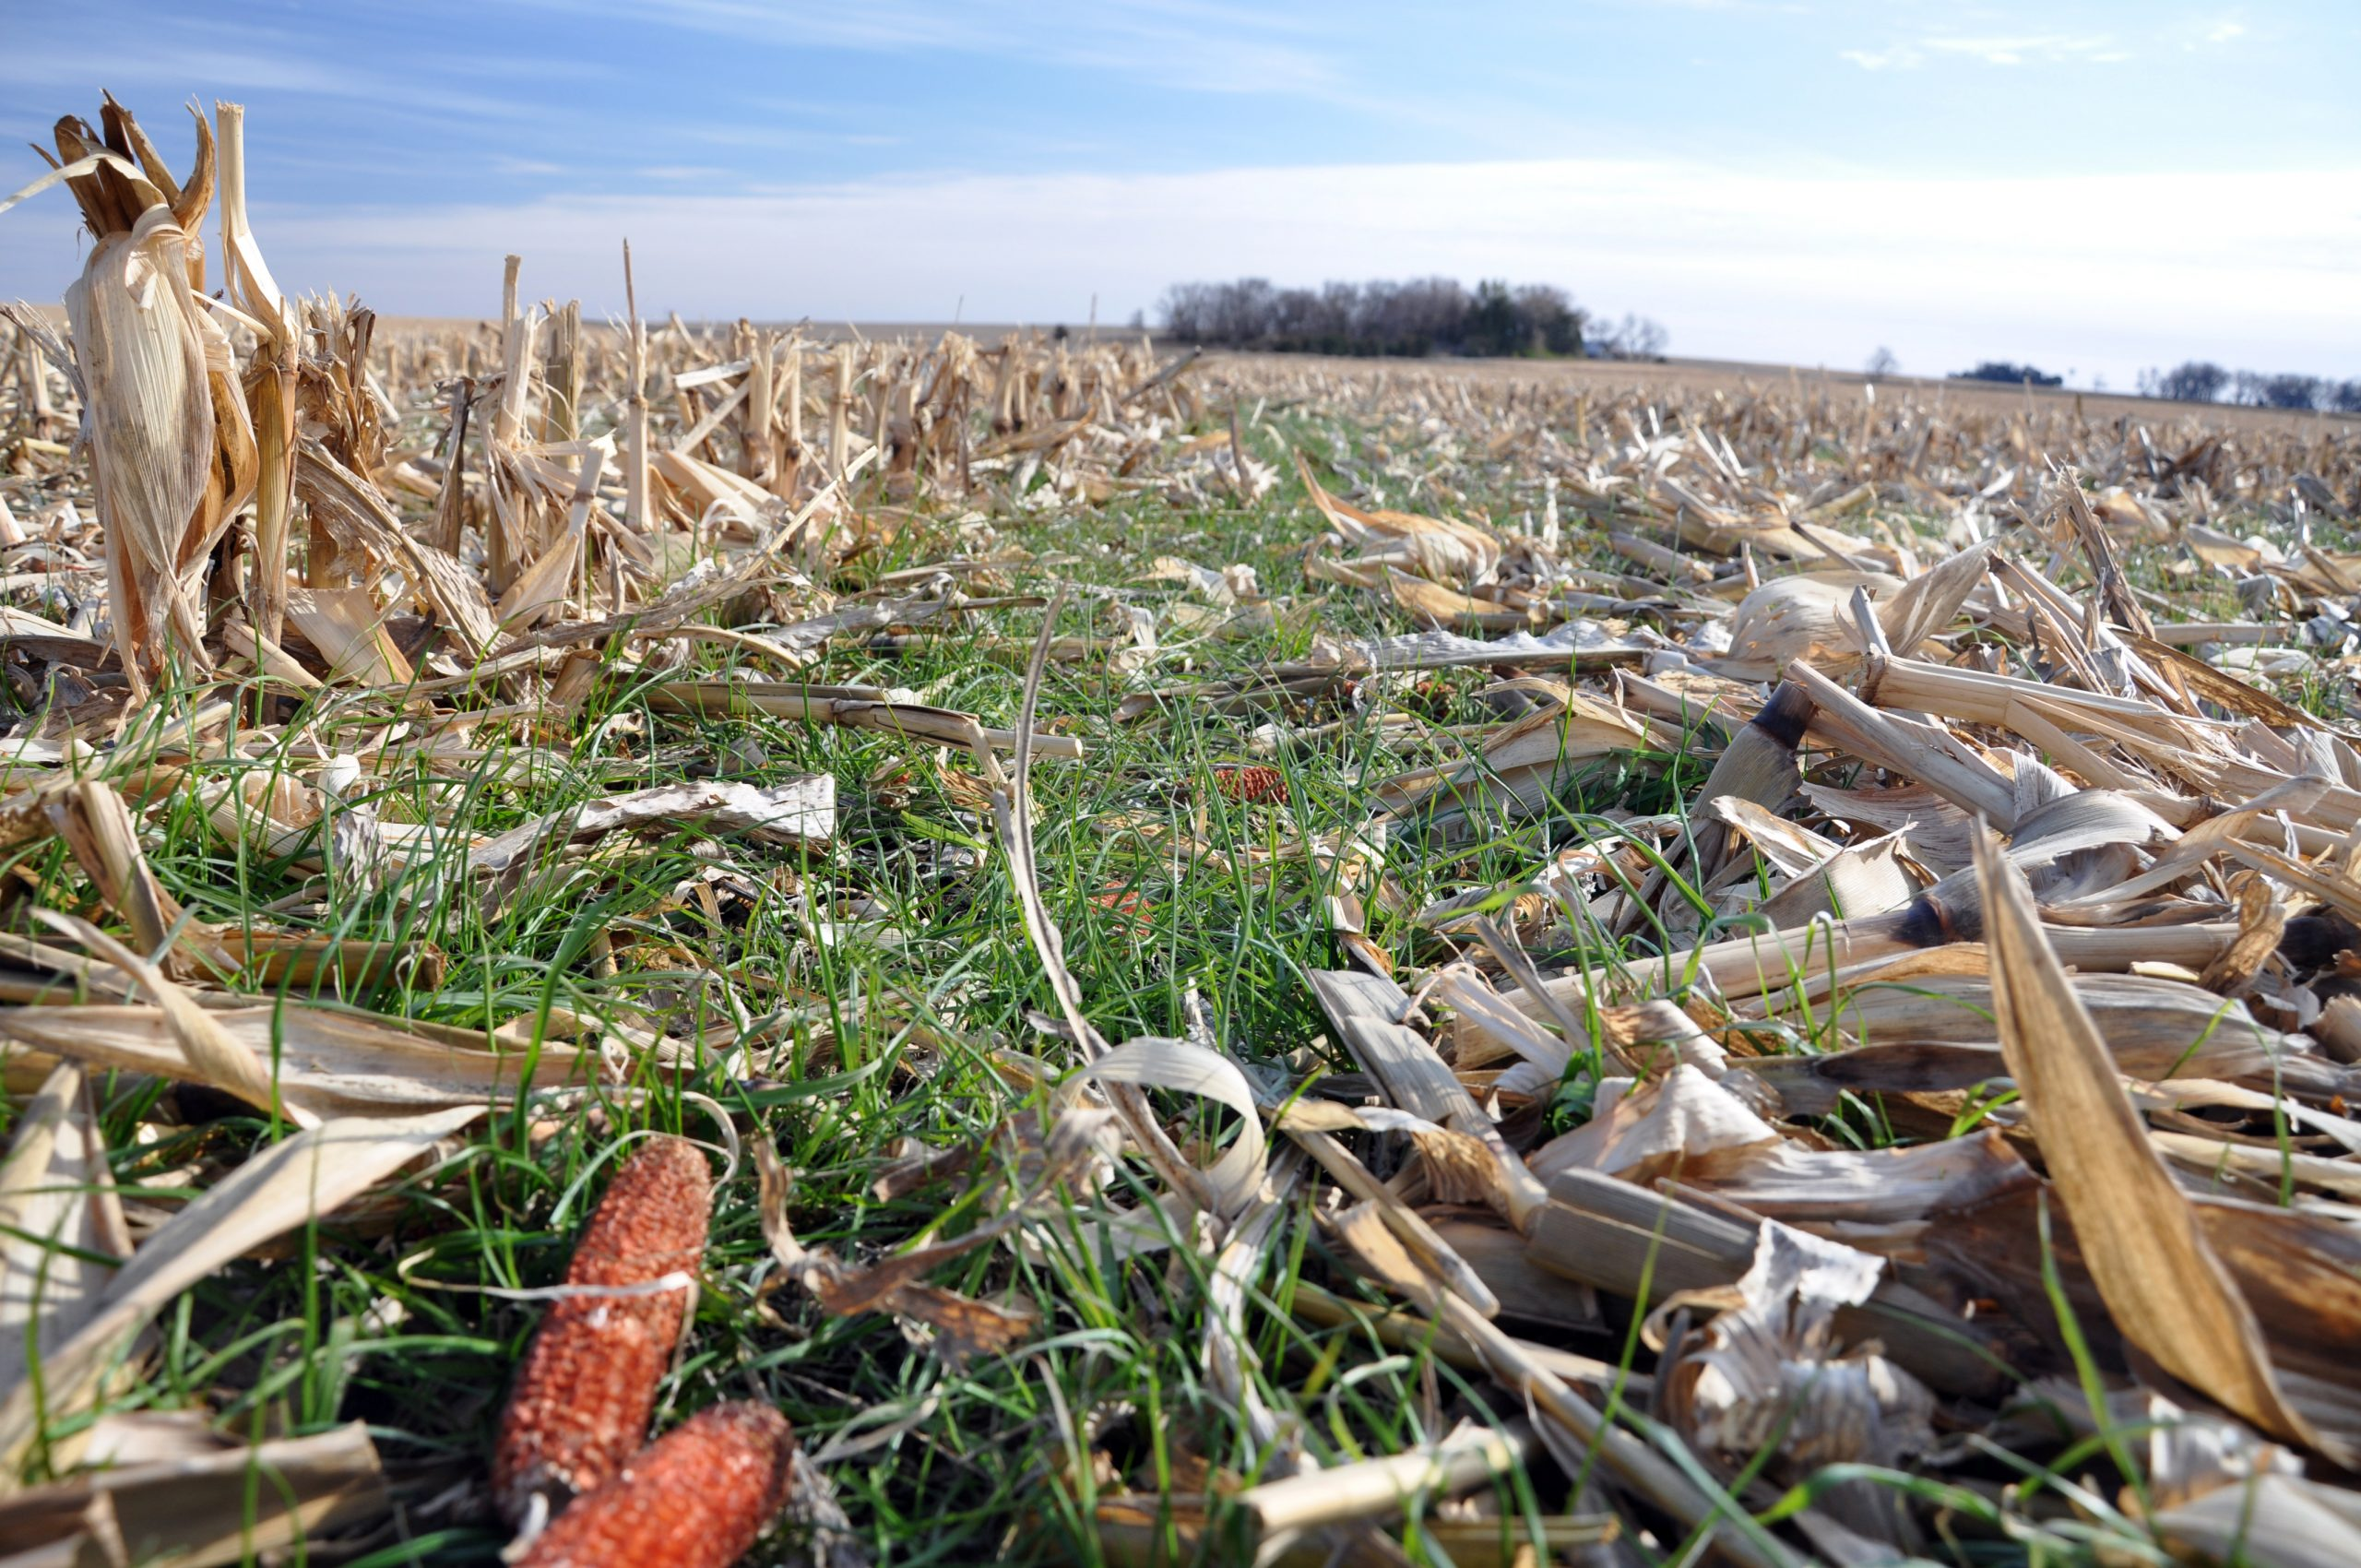 Păstrați solul acoperit și reduceți la minimum scenariile în care solul este gol și expus la precipitații și vânt